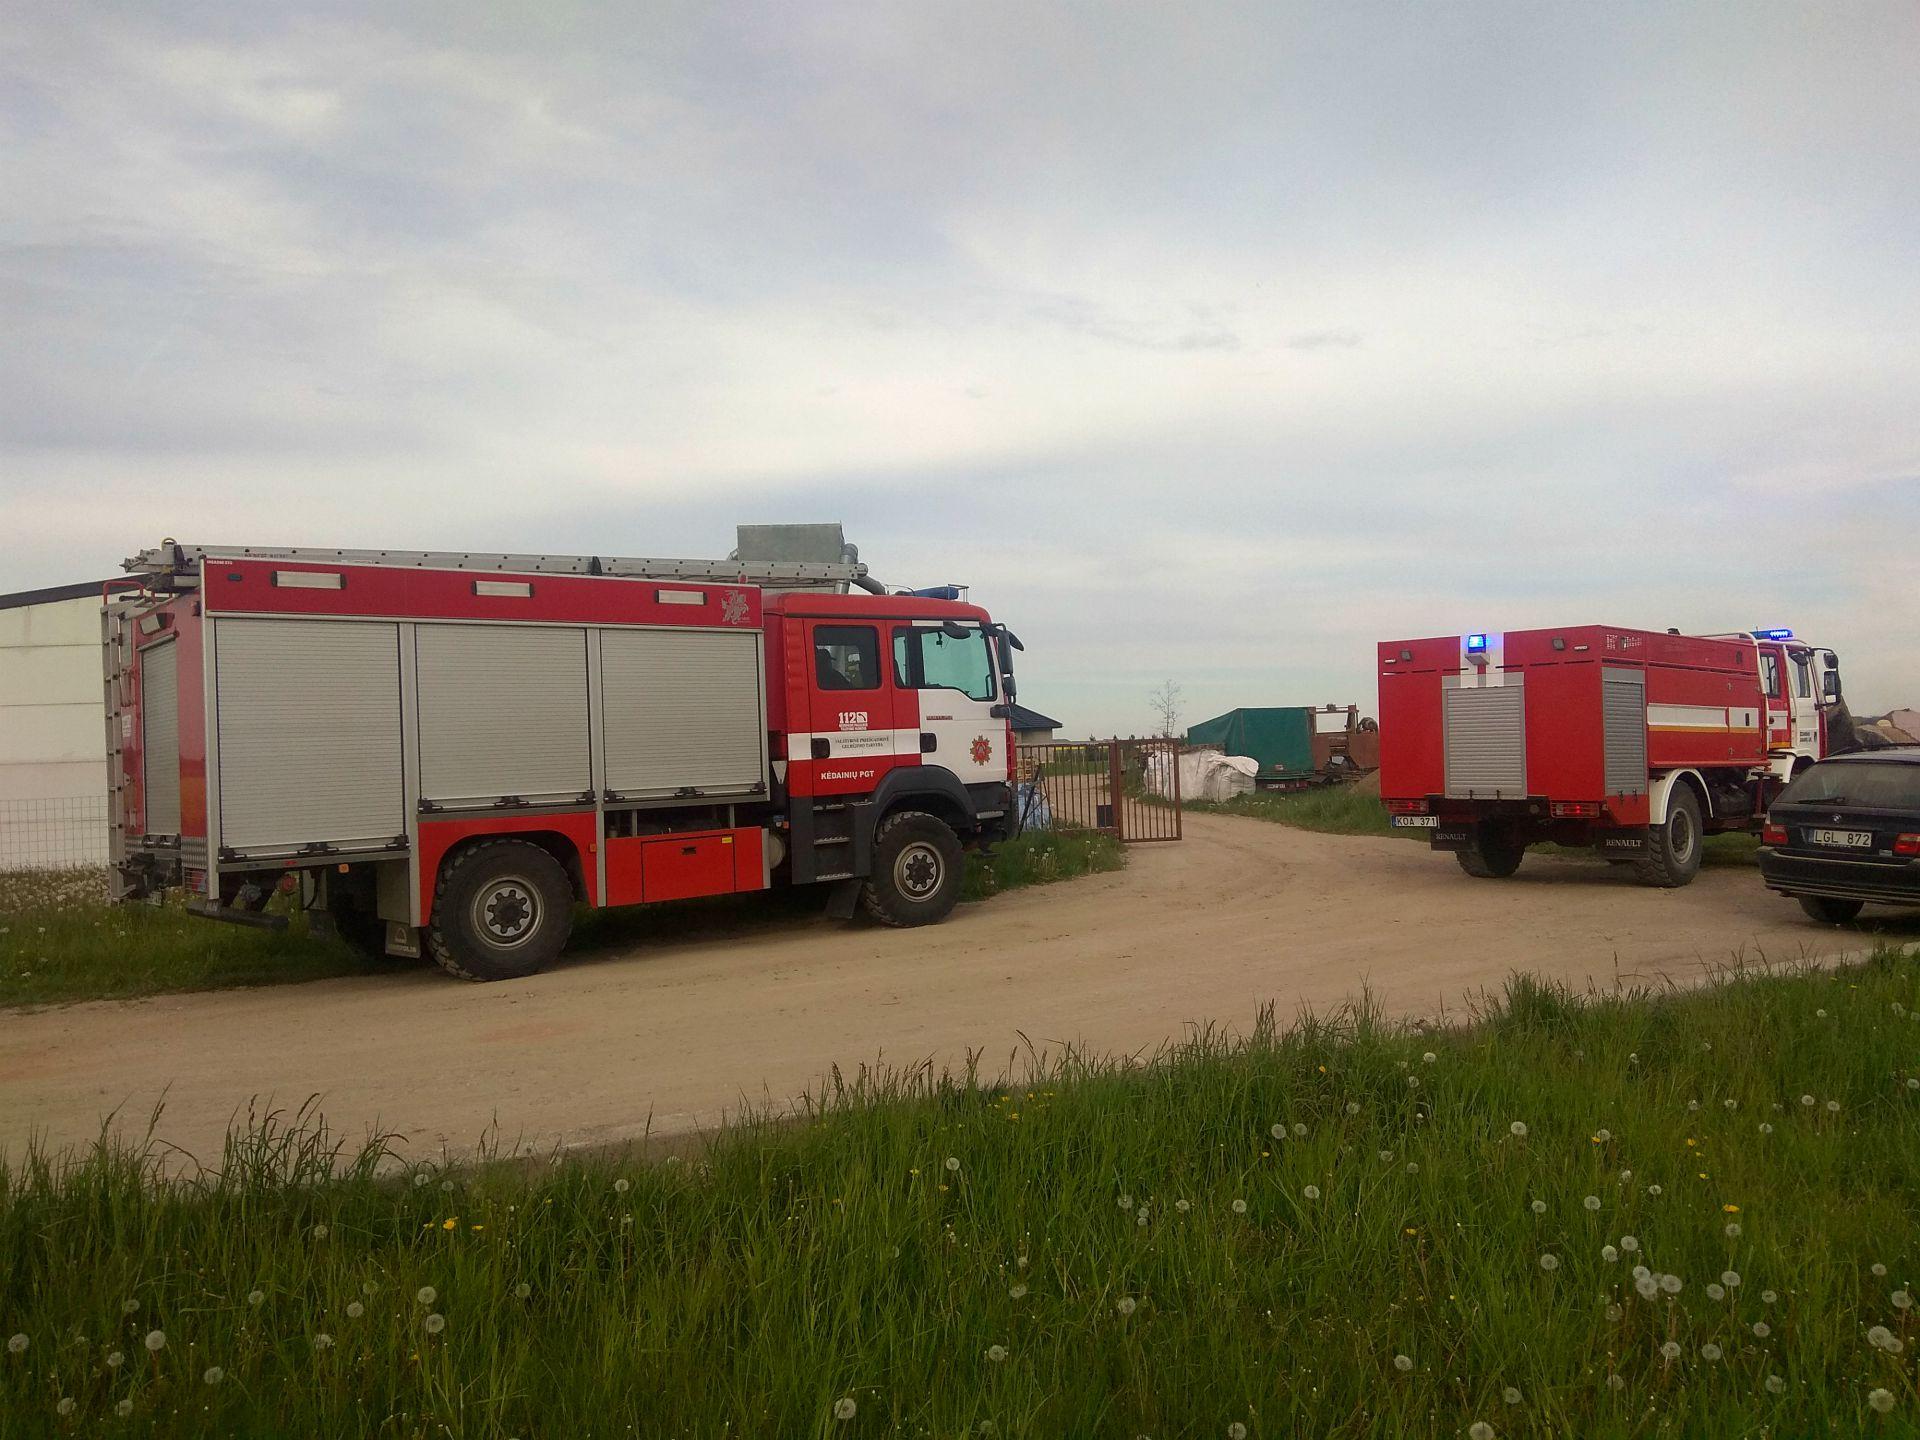 Šeštadienio vakarą Josvainių link skubėjo gausios ugniagesių gelbėtojų pajėgos, mat buvo pranešta, kad galimai dega namas. Dimitrijaus Kuprijanovo nuotr.